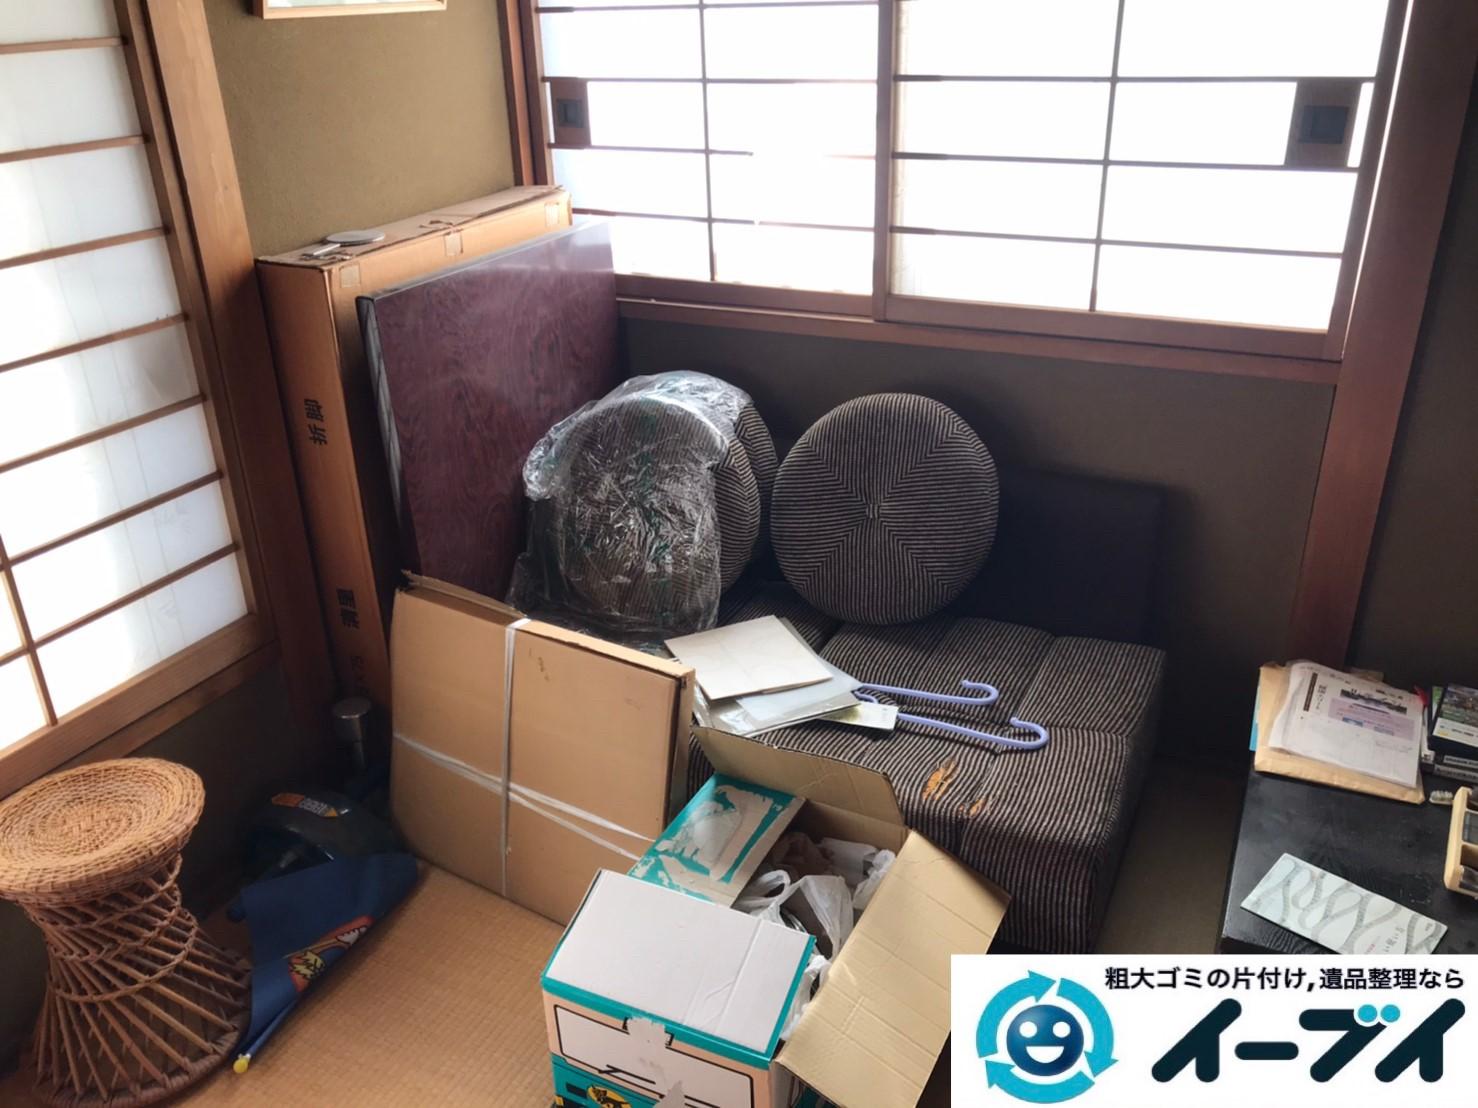 2019年12月27日大阪府豊中市で退去に伴い、ソファ、テーブルなど粗大ゴミの不用品回収。写真1